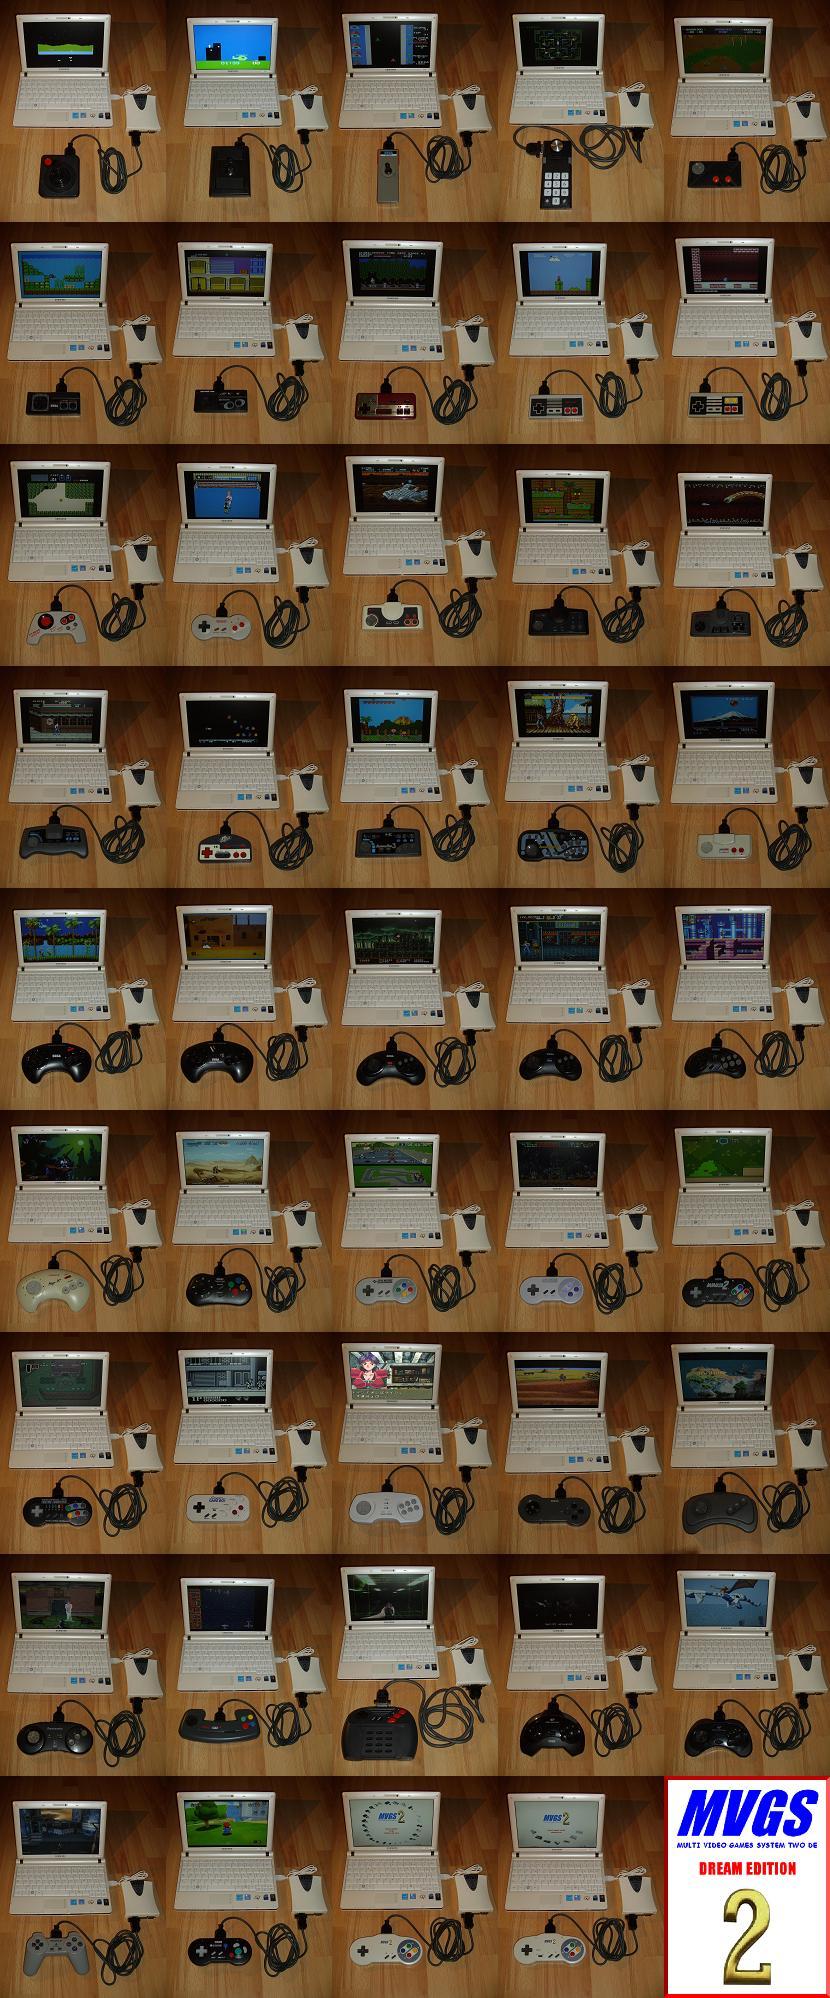 Les manettes de jeu universelles Multi-Video-Games-System-Two Ensemble-Pads-MVGS2